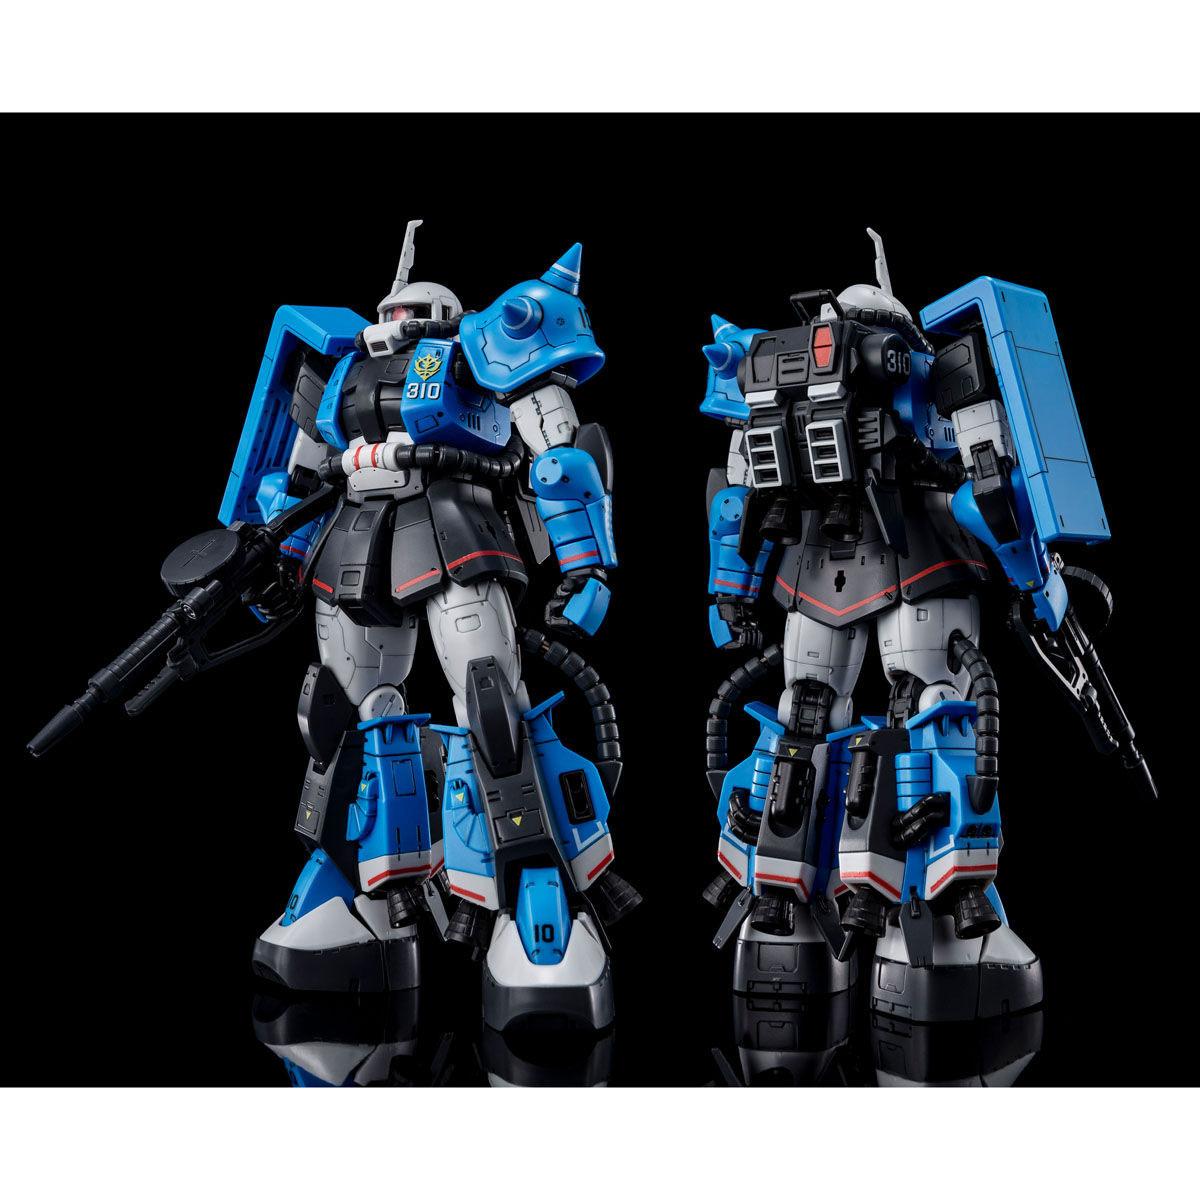 【限定販売】RG 1/144『MS-06R-1A ユーマ・ライトニング専用ザクII』』プラモデル-002